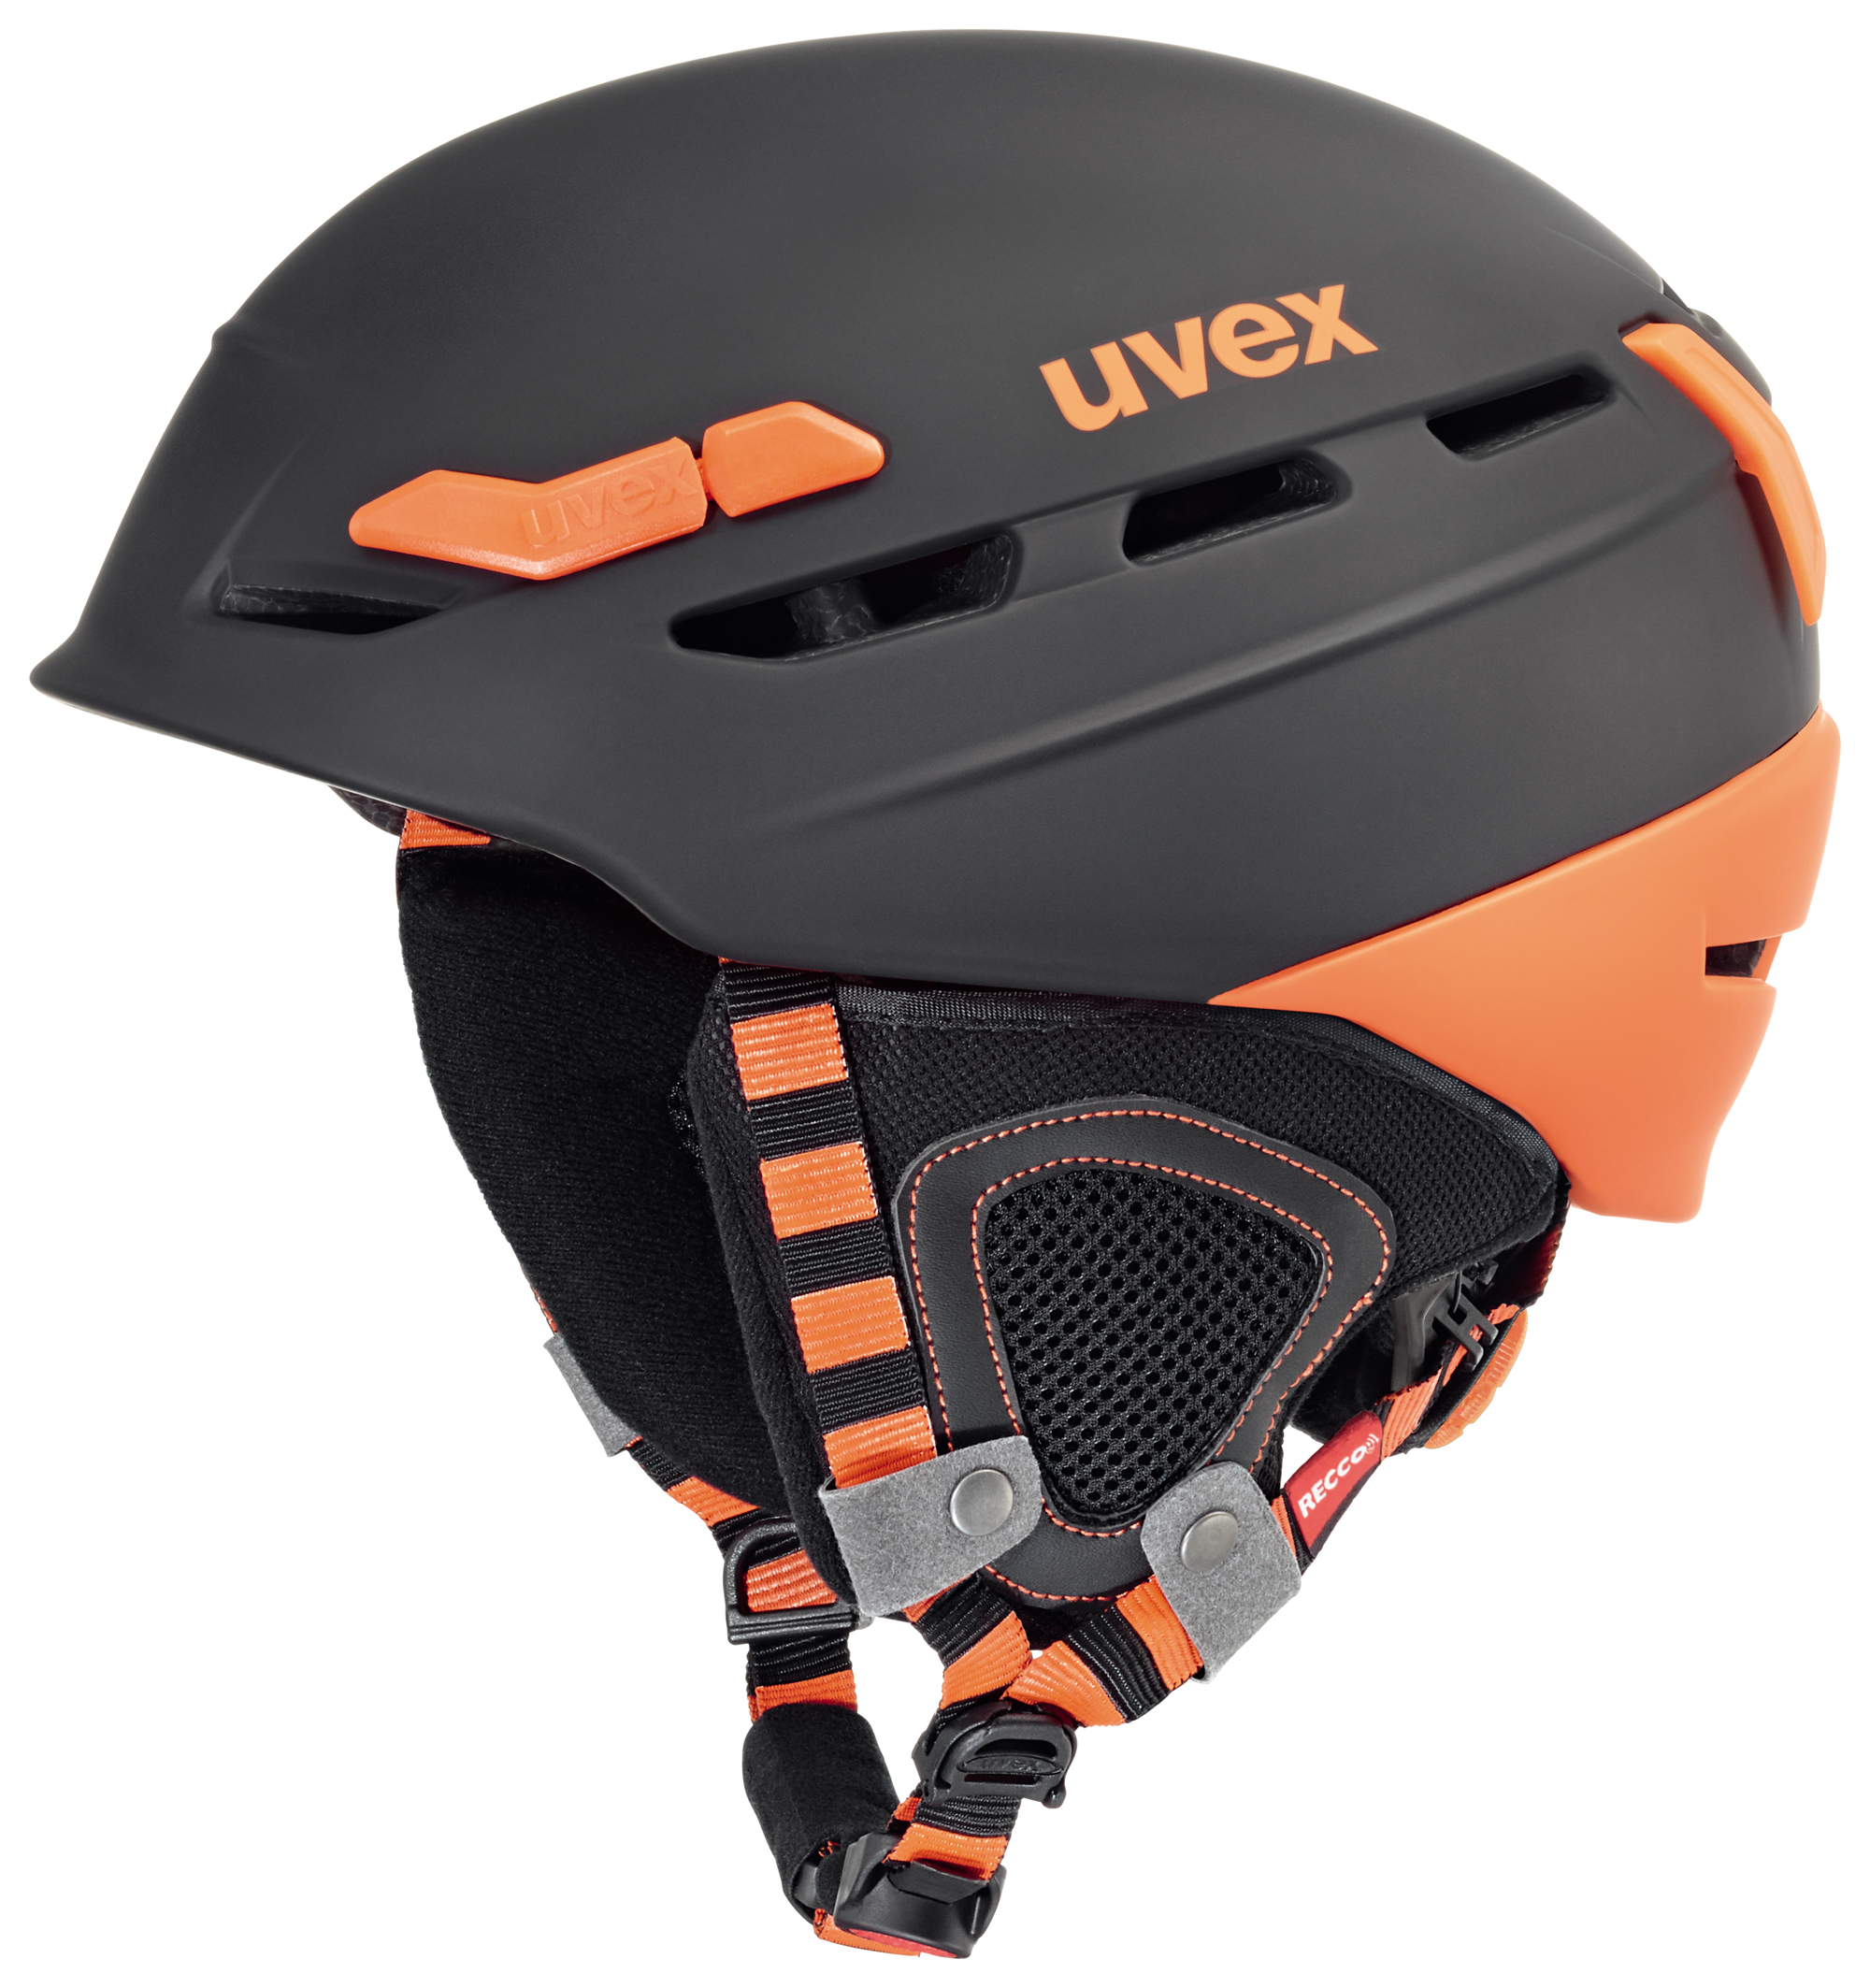 UVEX P.8000 TOUR, black-orange mat S566204280 17/18 55-59 cm